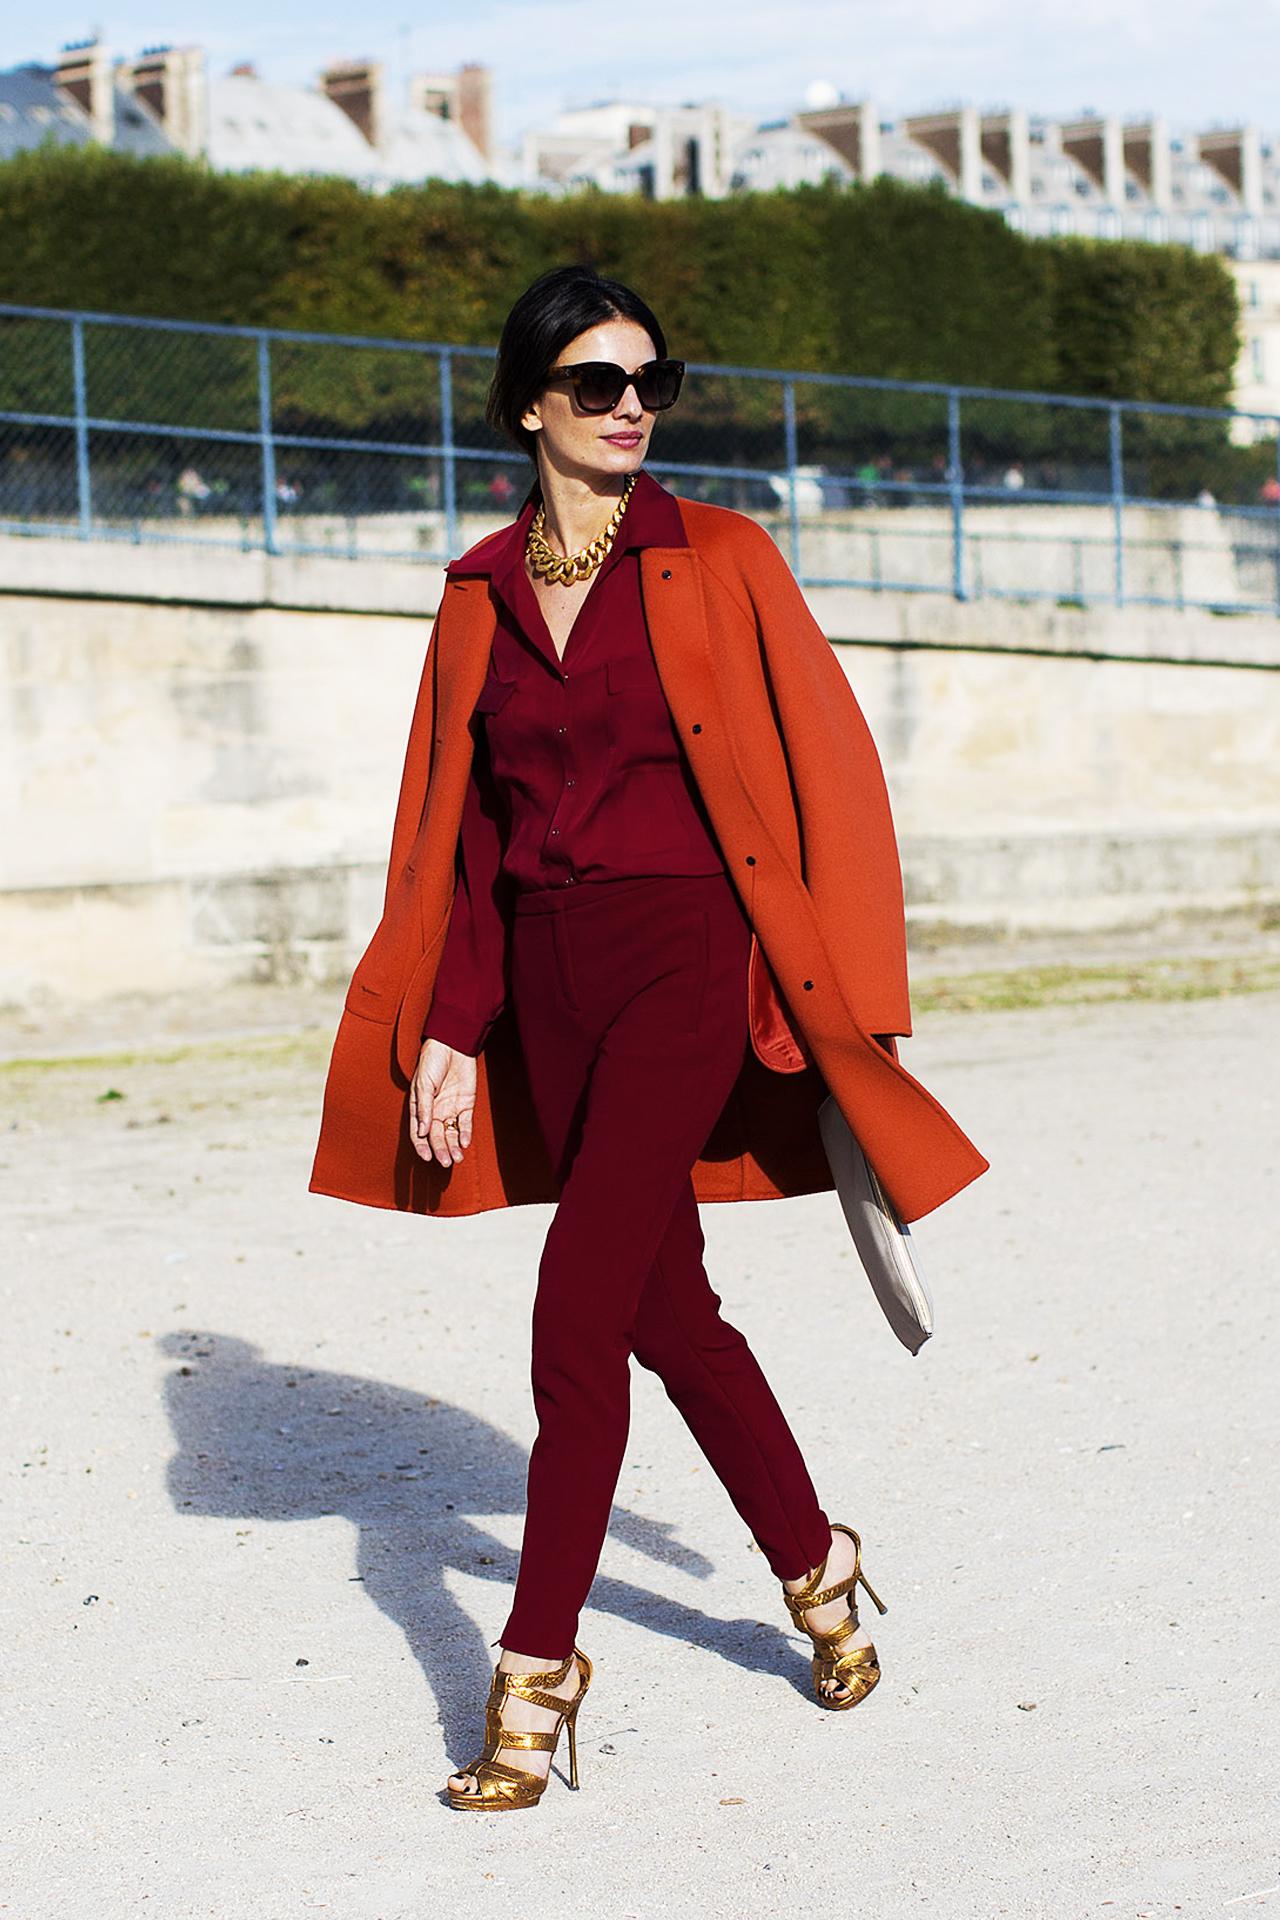 Яркие фото новинки: красный цвет одежды с бордовым